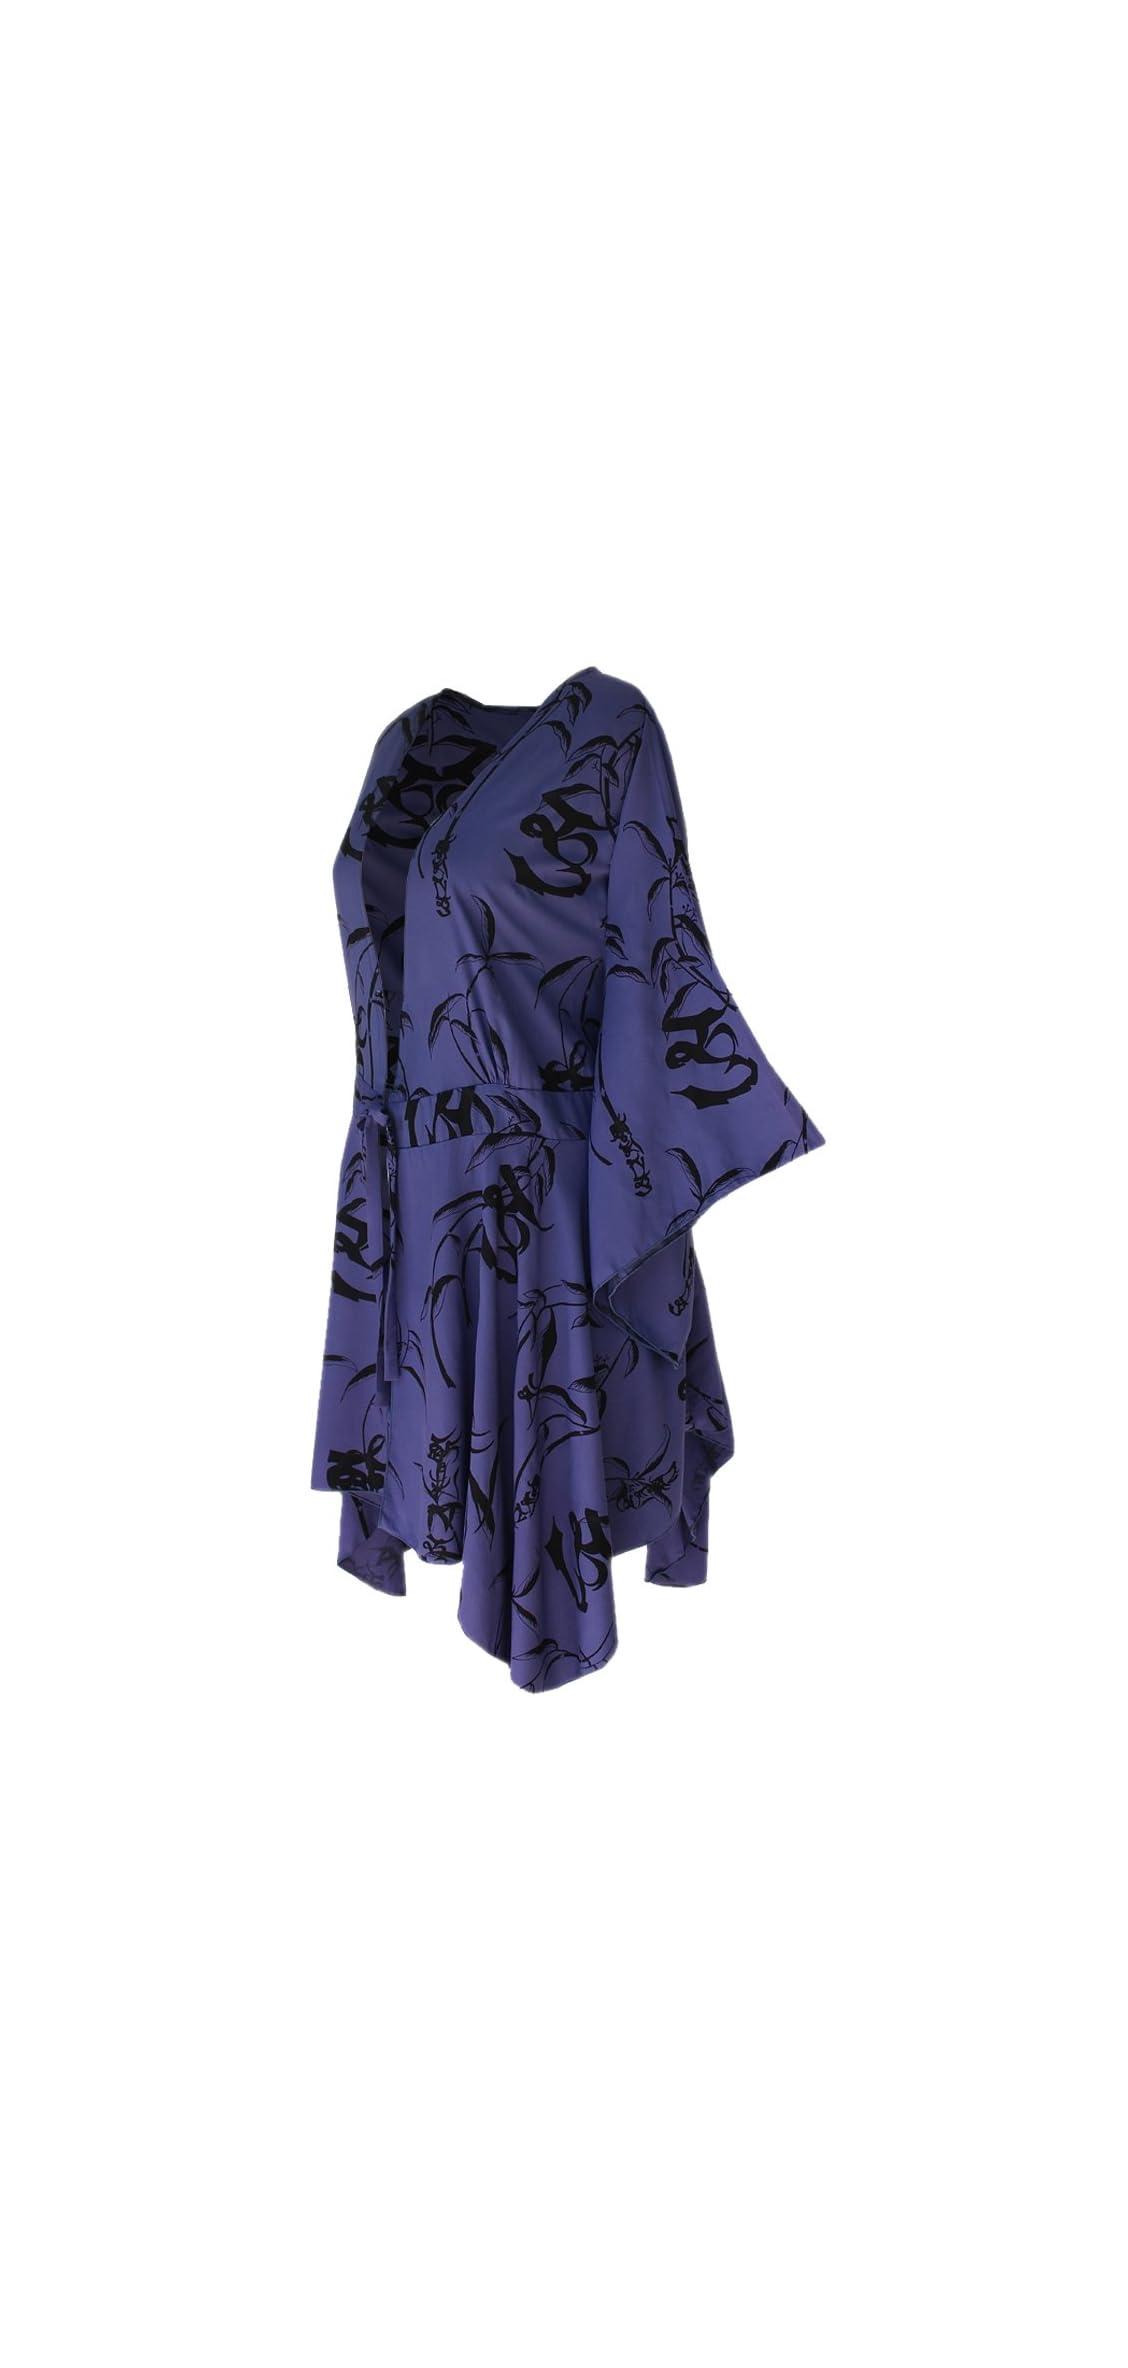 Plus Size Kimono Tunic  Women's Kimono Sleeve, Original Print,